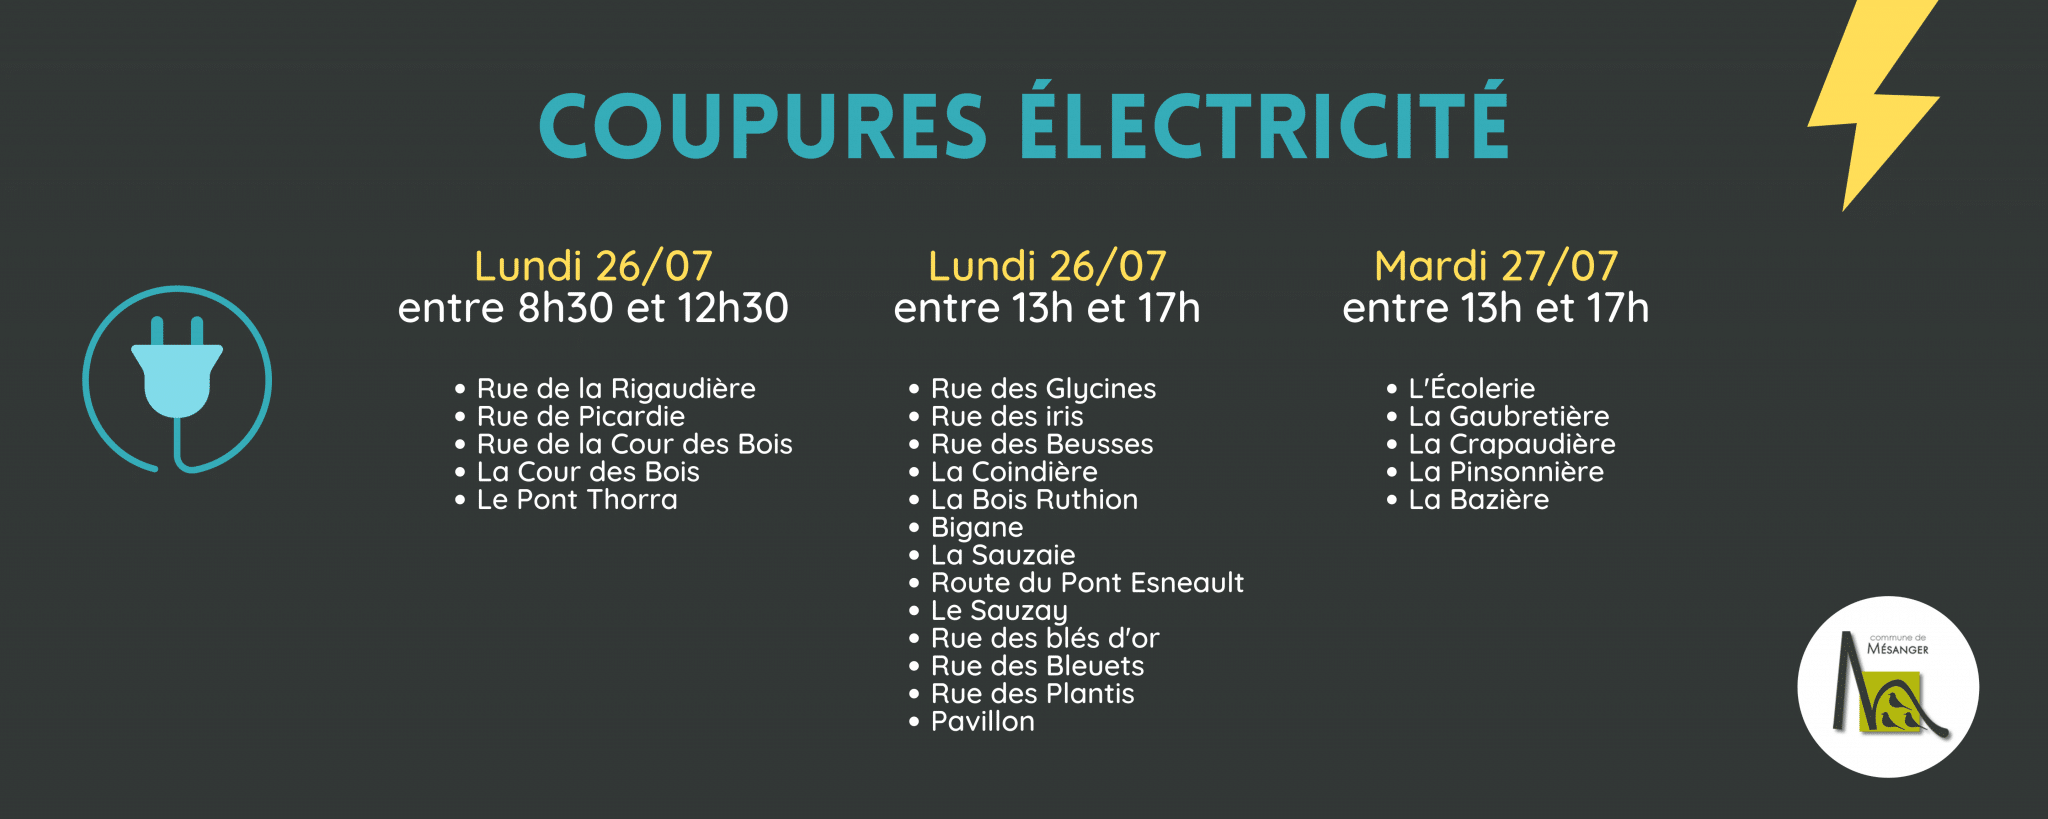 Coupures 26/07 et 27/07, Mairie de Mésanger